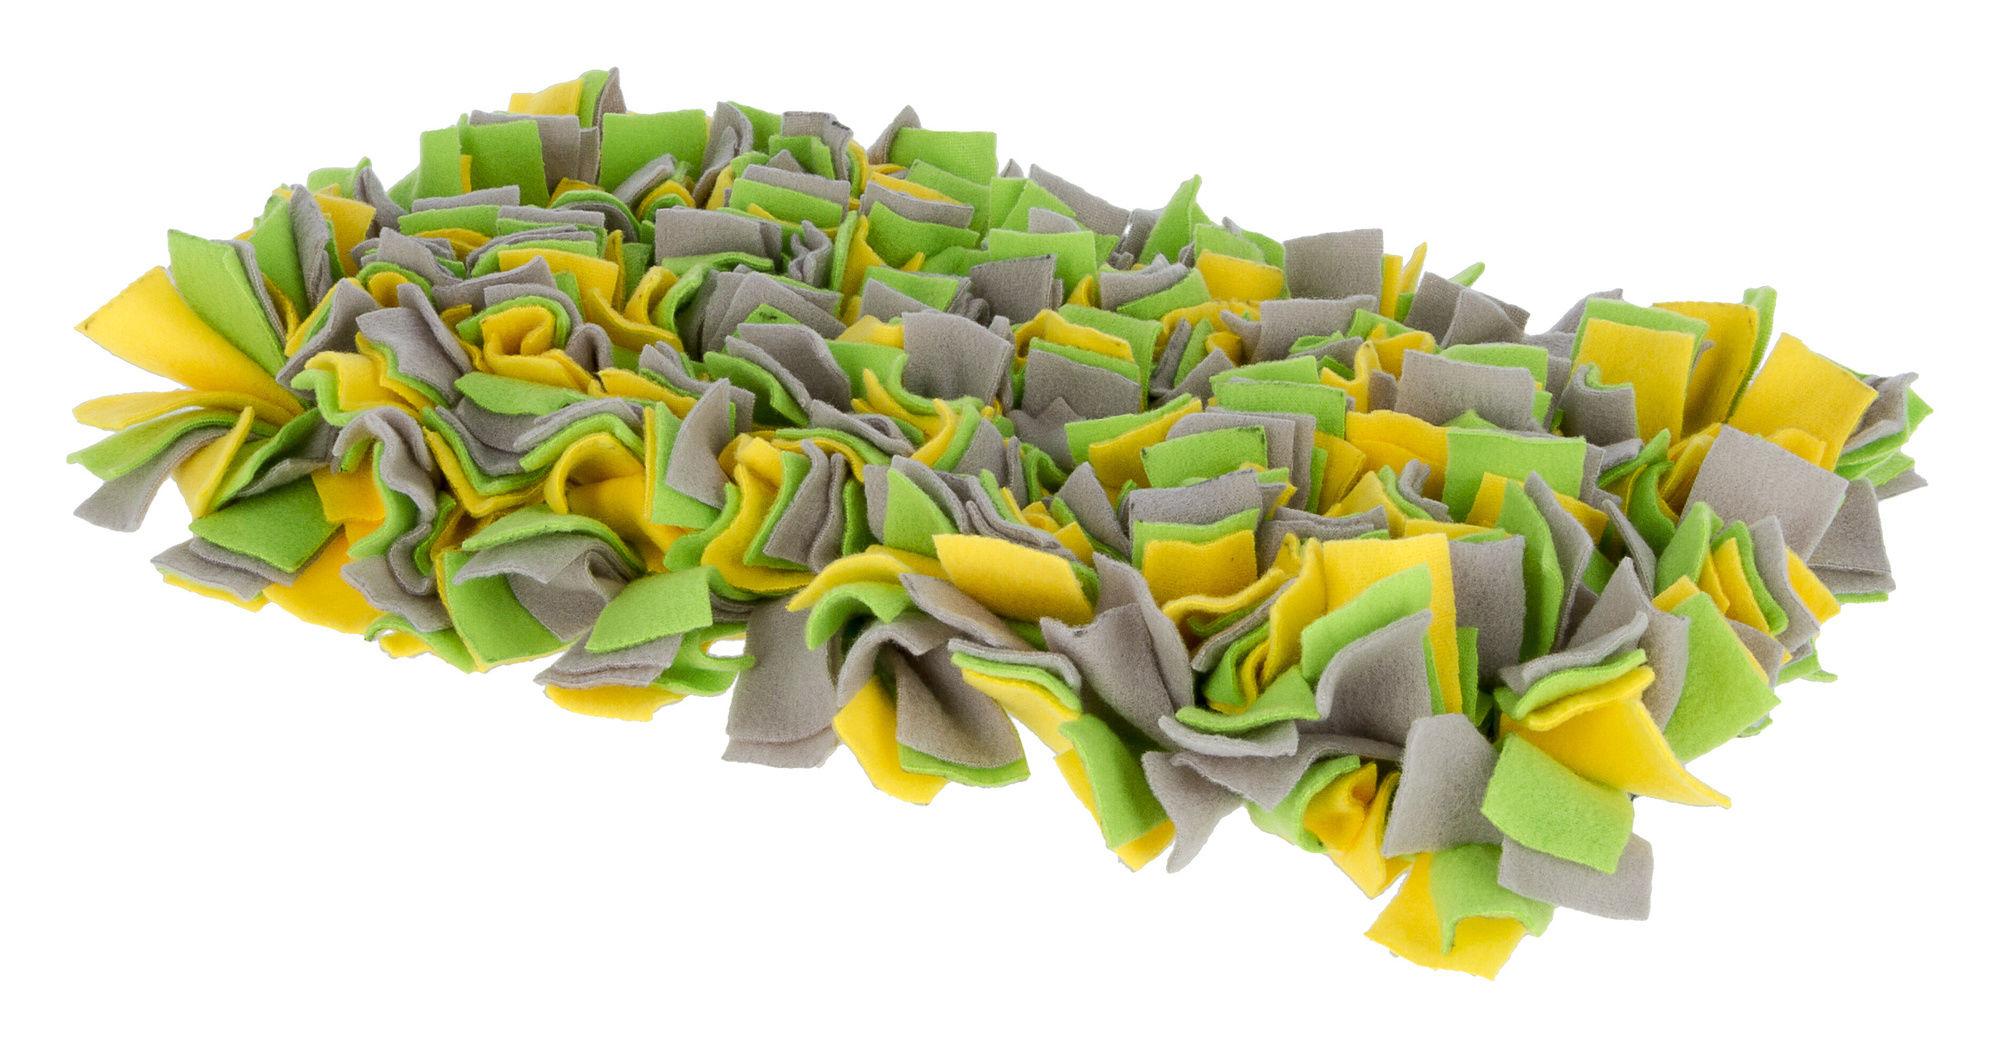 Schnüffelteppich gelb/grün/ grau, 50x30cm